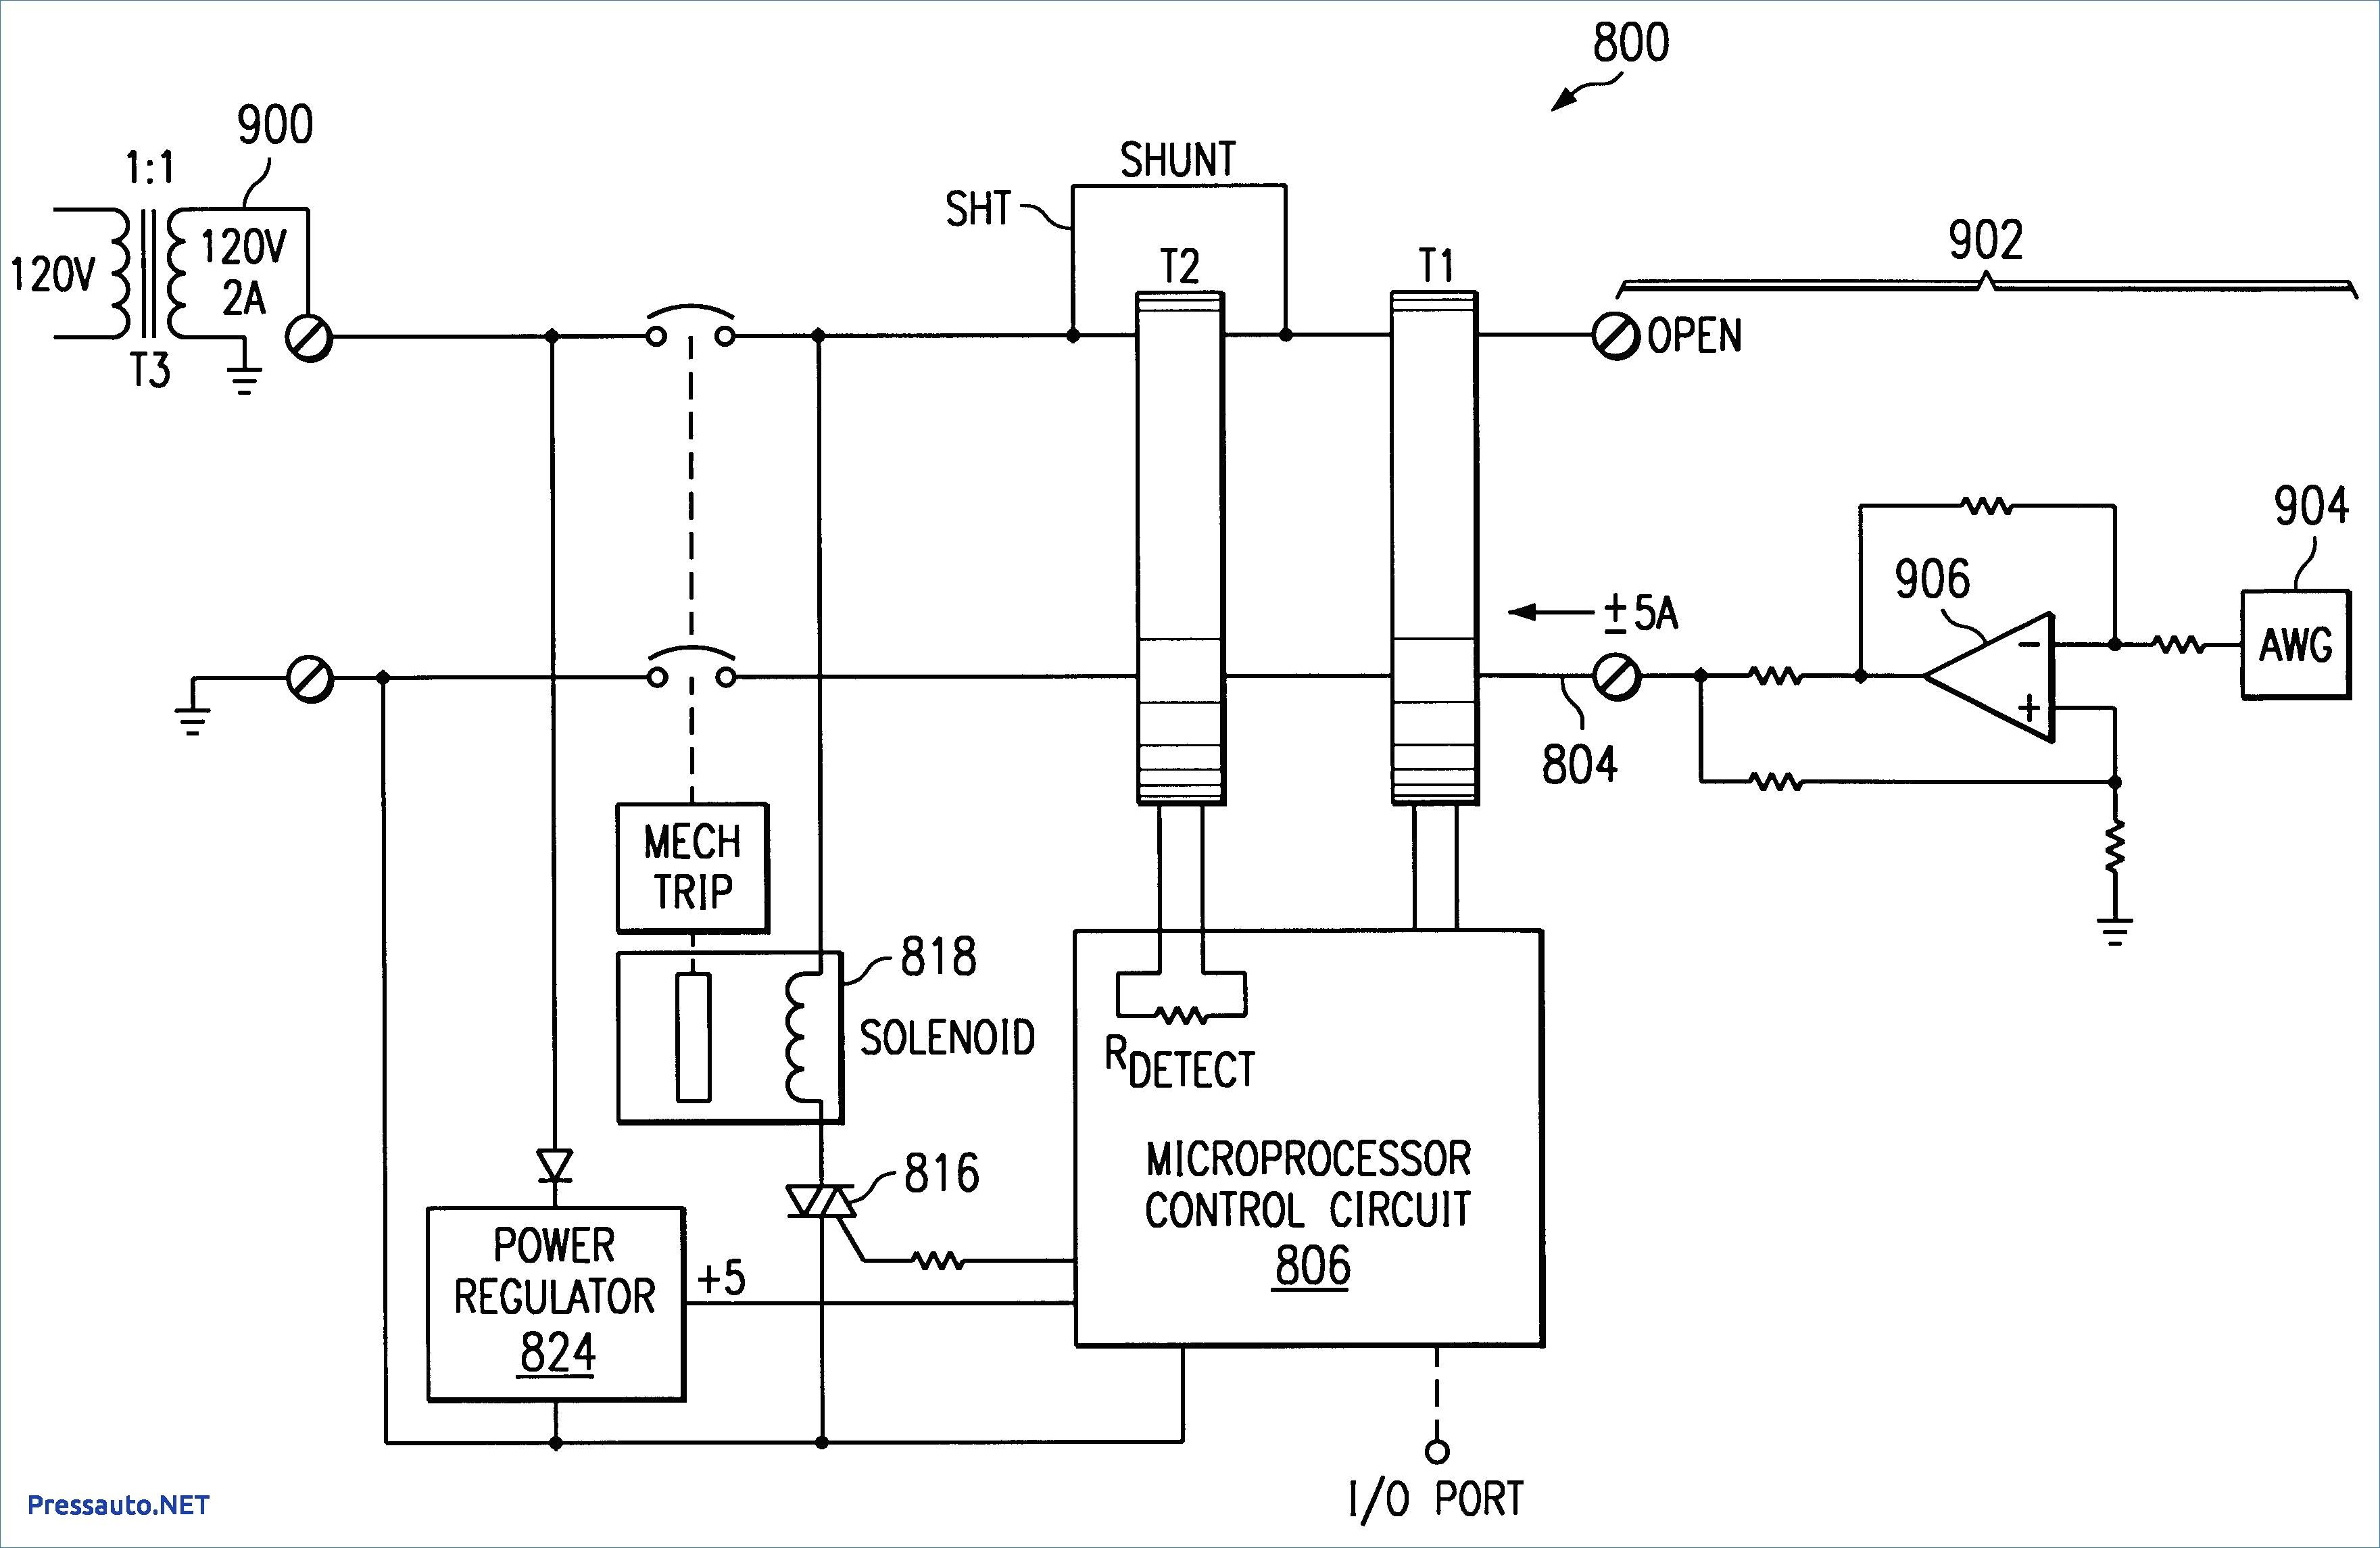 square d wiring diagram - shunt trip wiring diagram square d download  circuit breaker diagram fresh